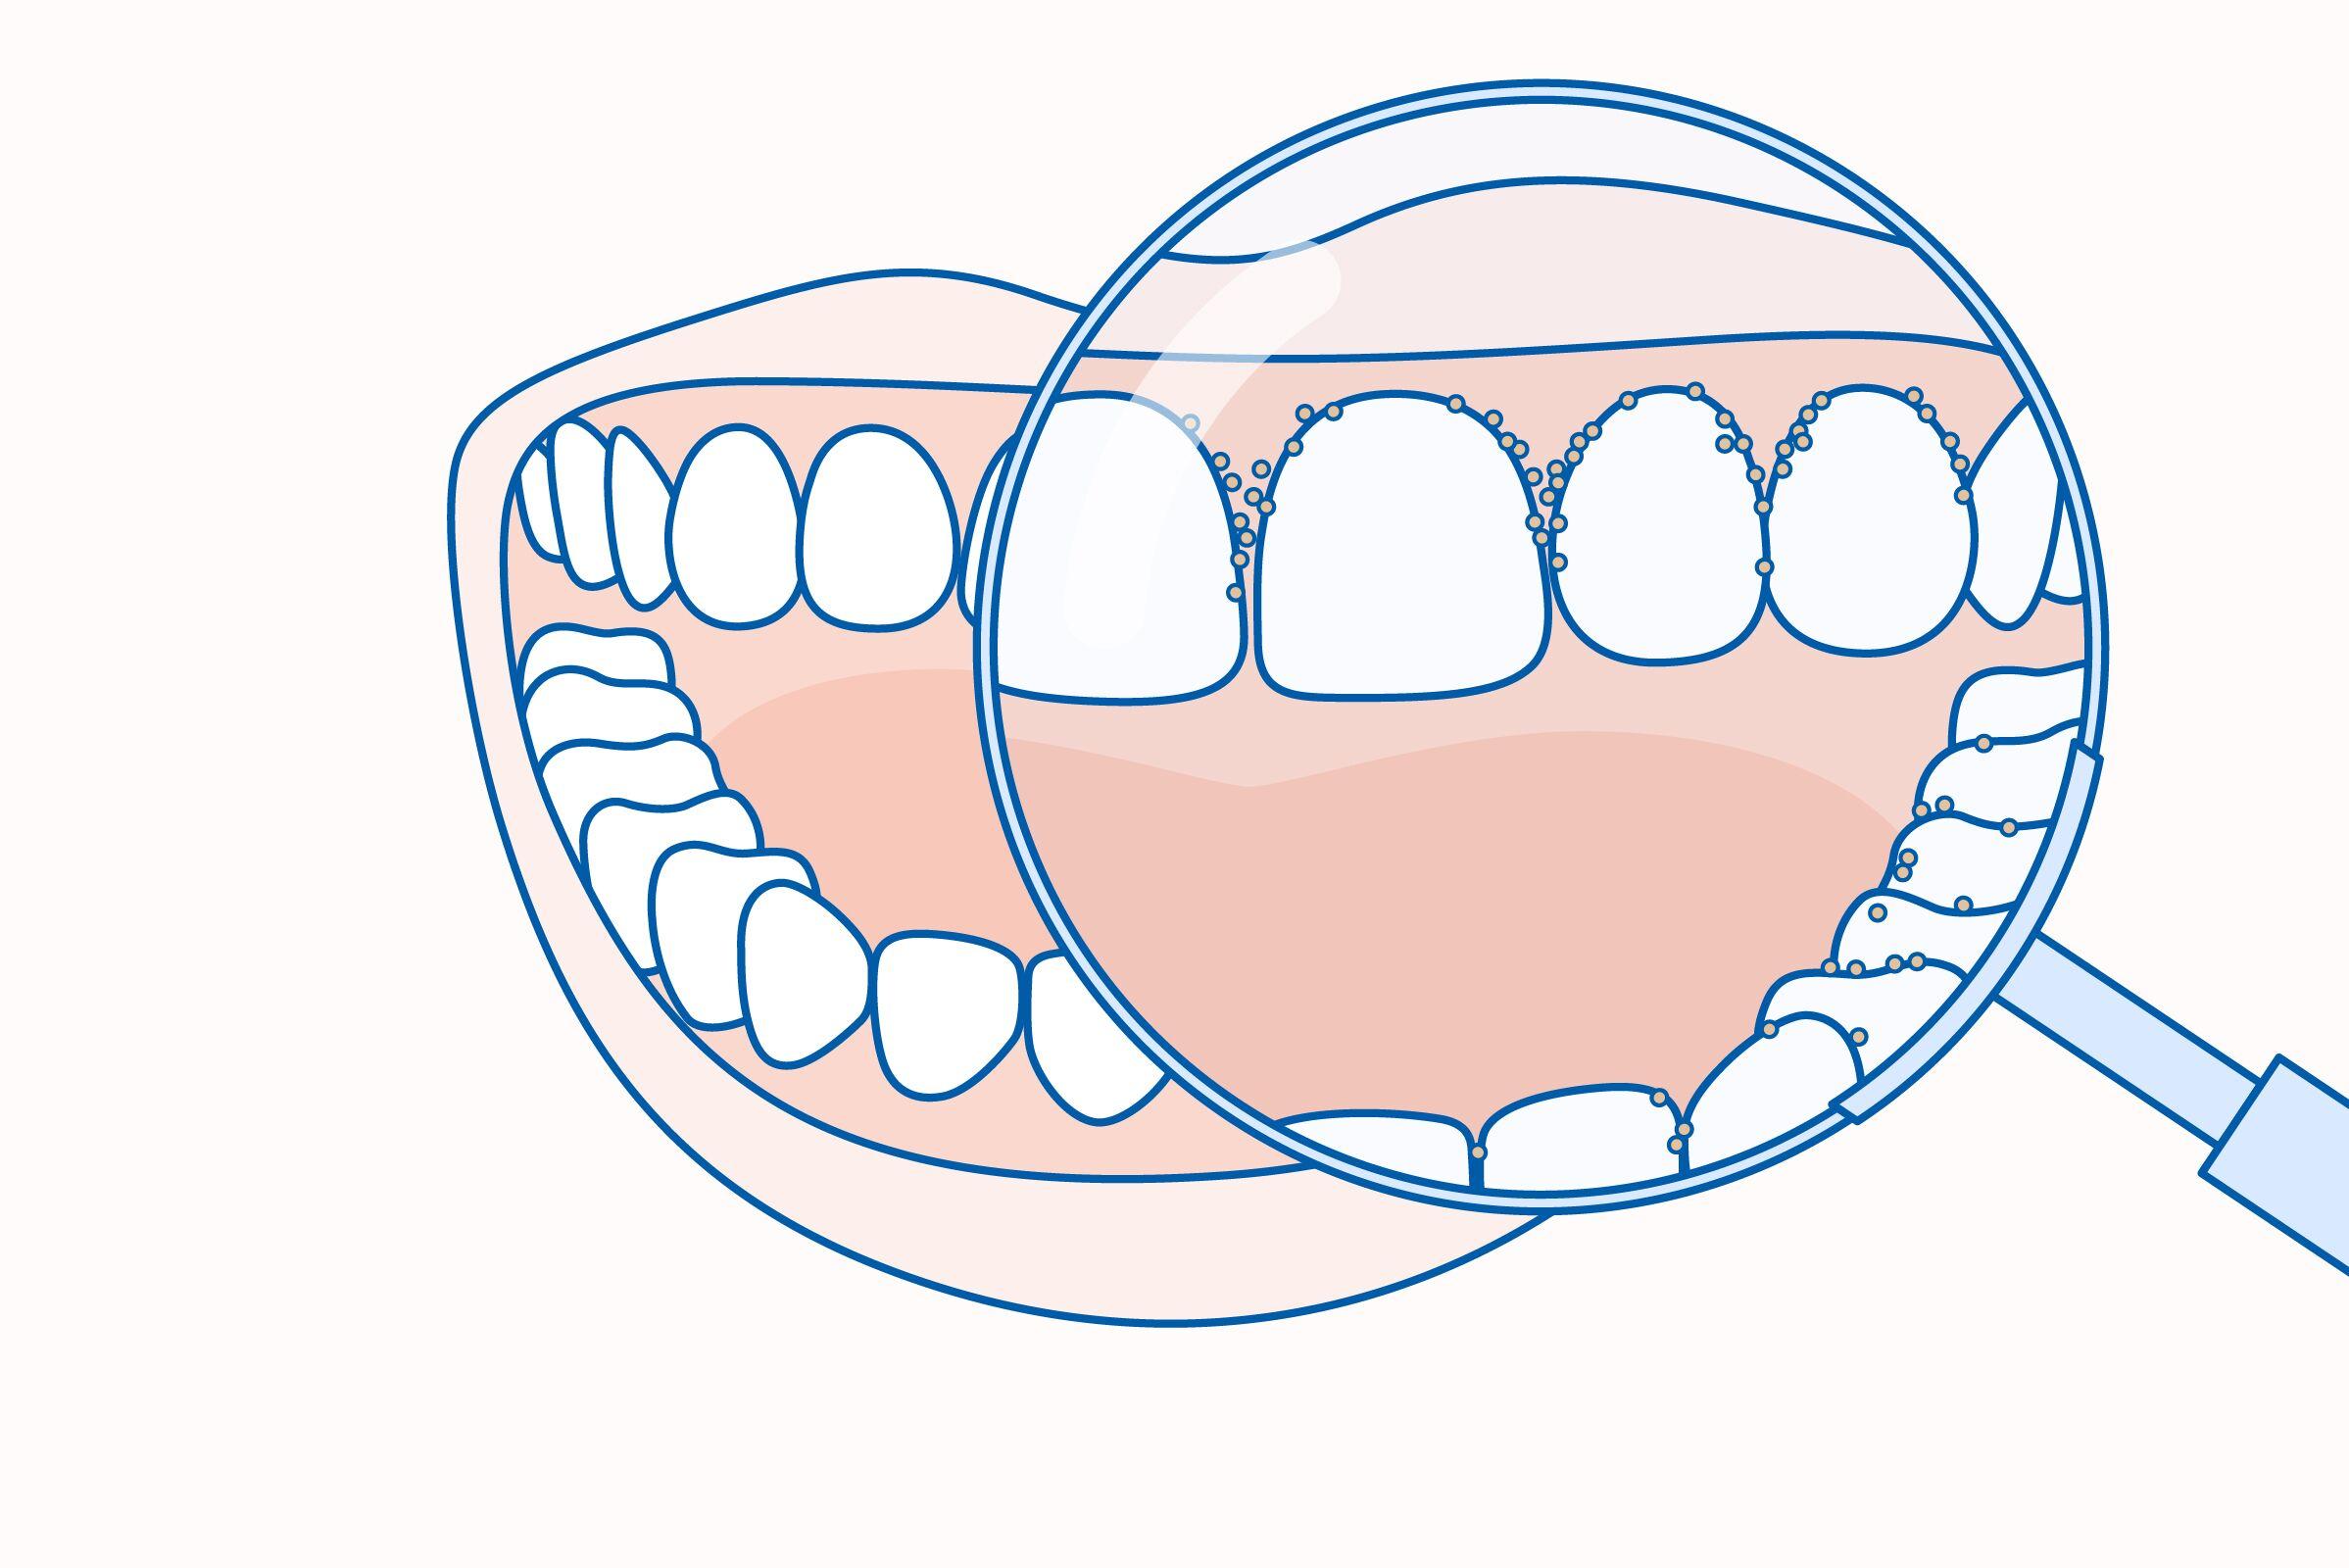 miért is van rossz száj a fogmosás után